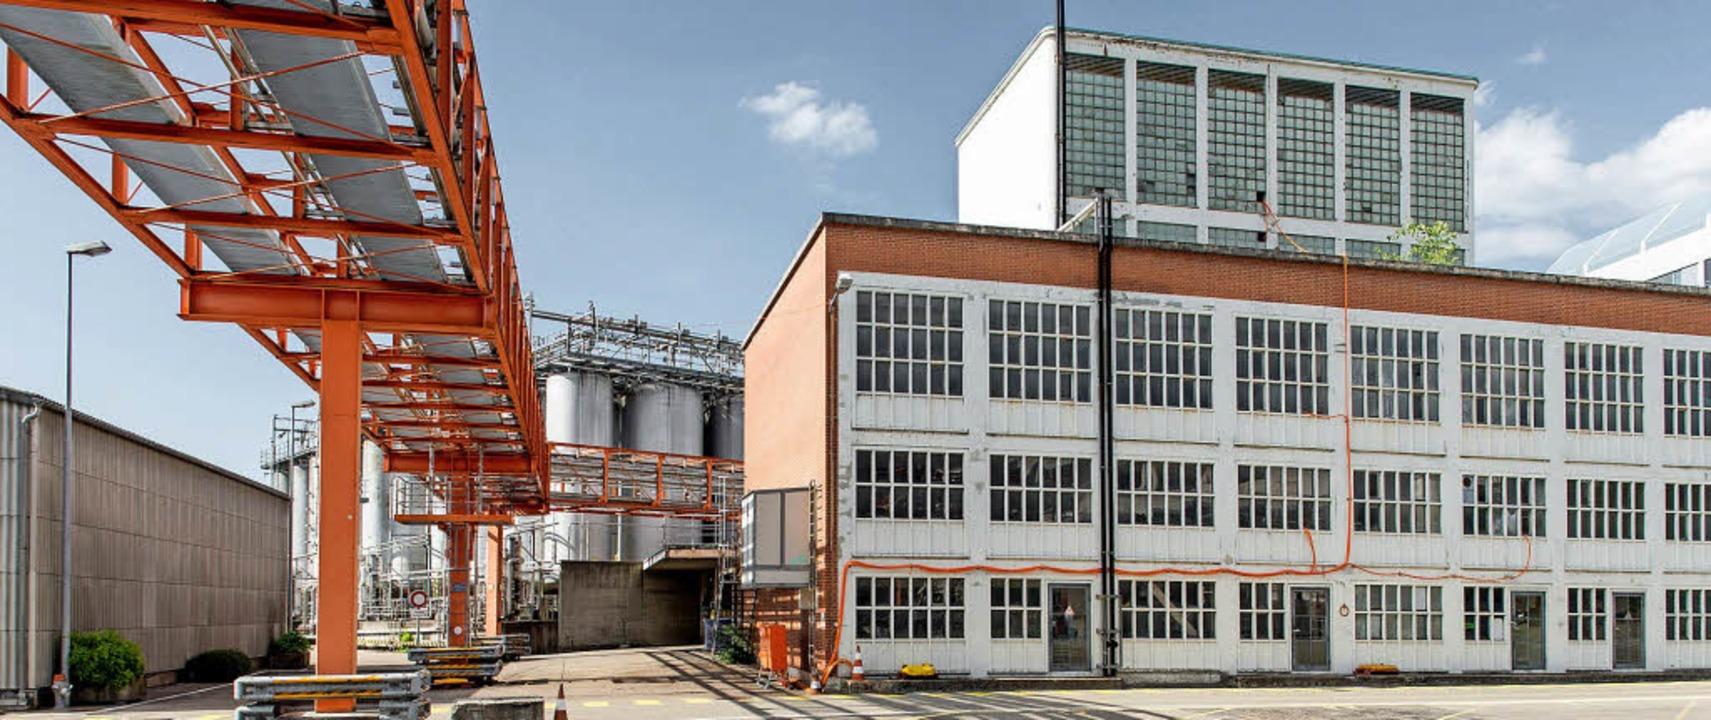 Ein Gebäude in dem jahrzehntelang für ...tion genutzten Teil des Klybeckareals   | Foto: BASF/NOVARTIS